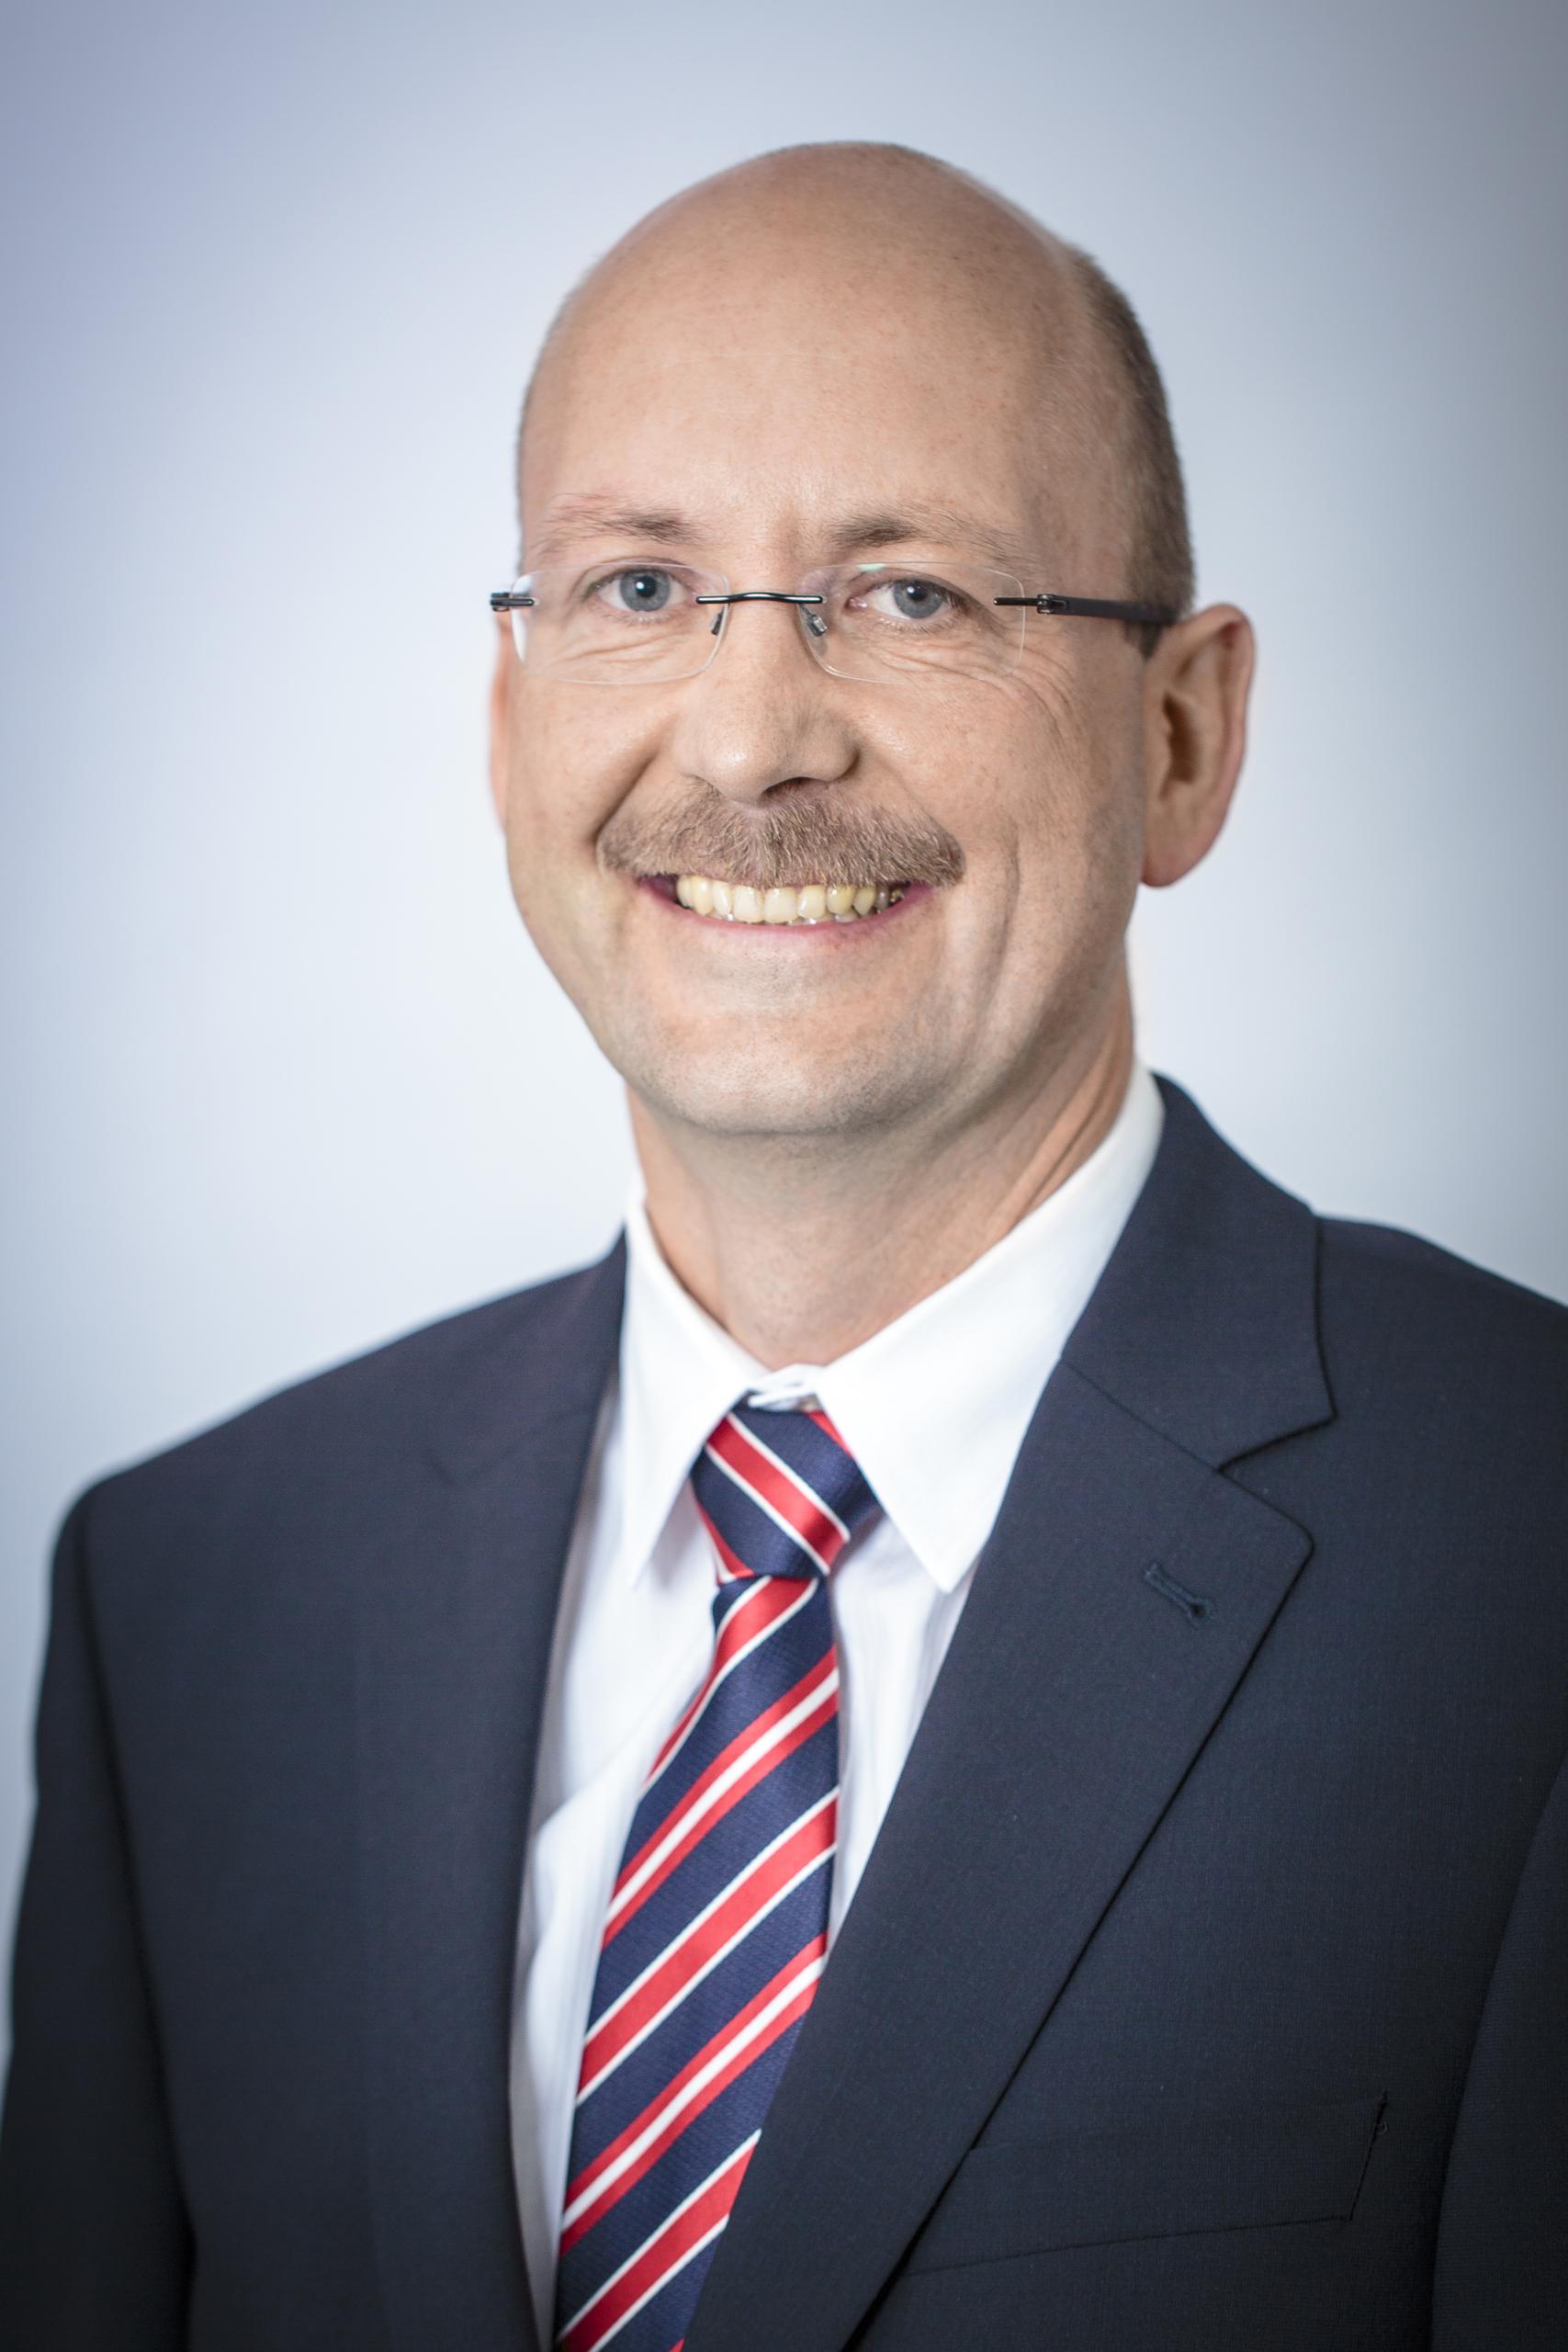 Harald Sinske